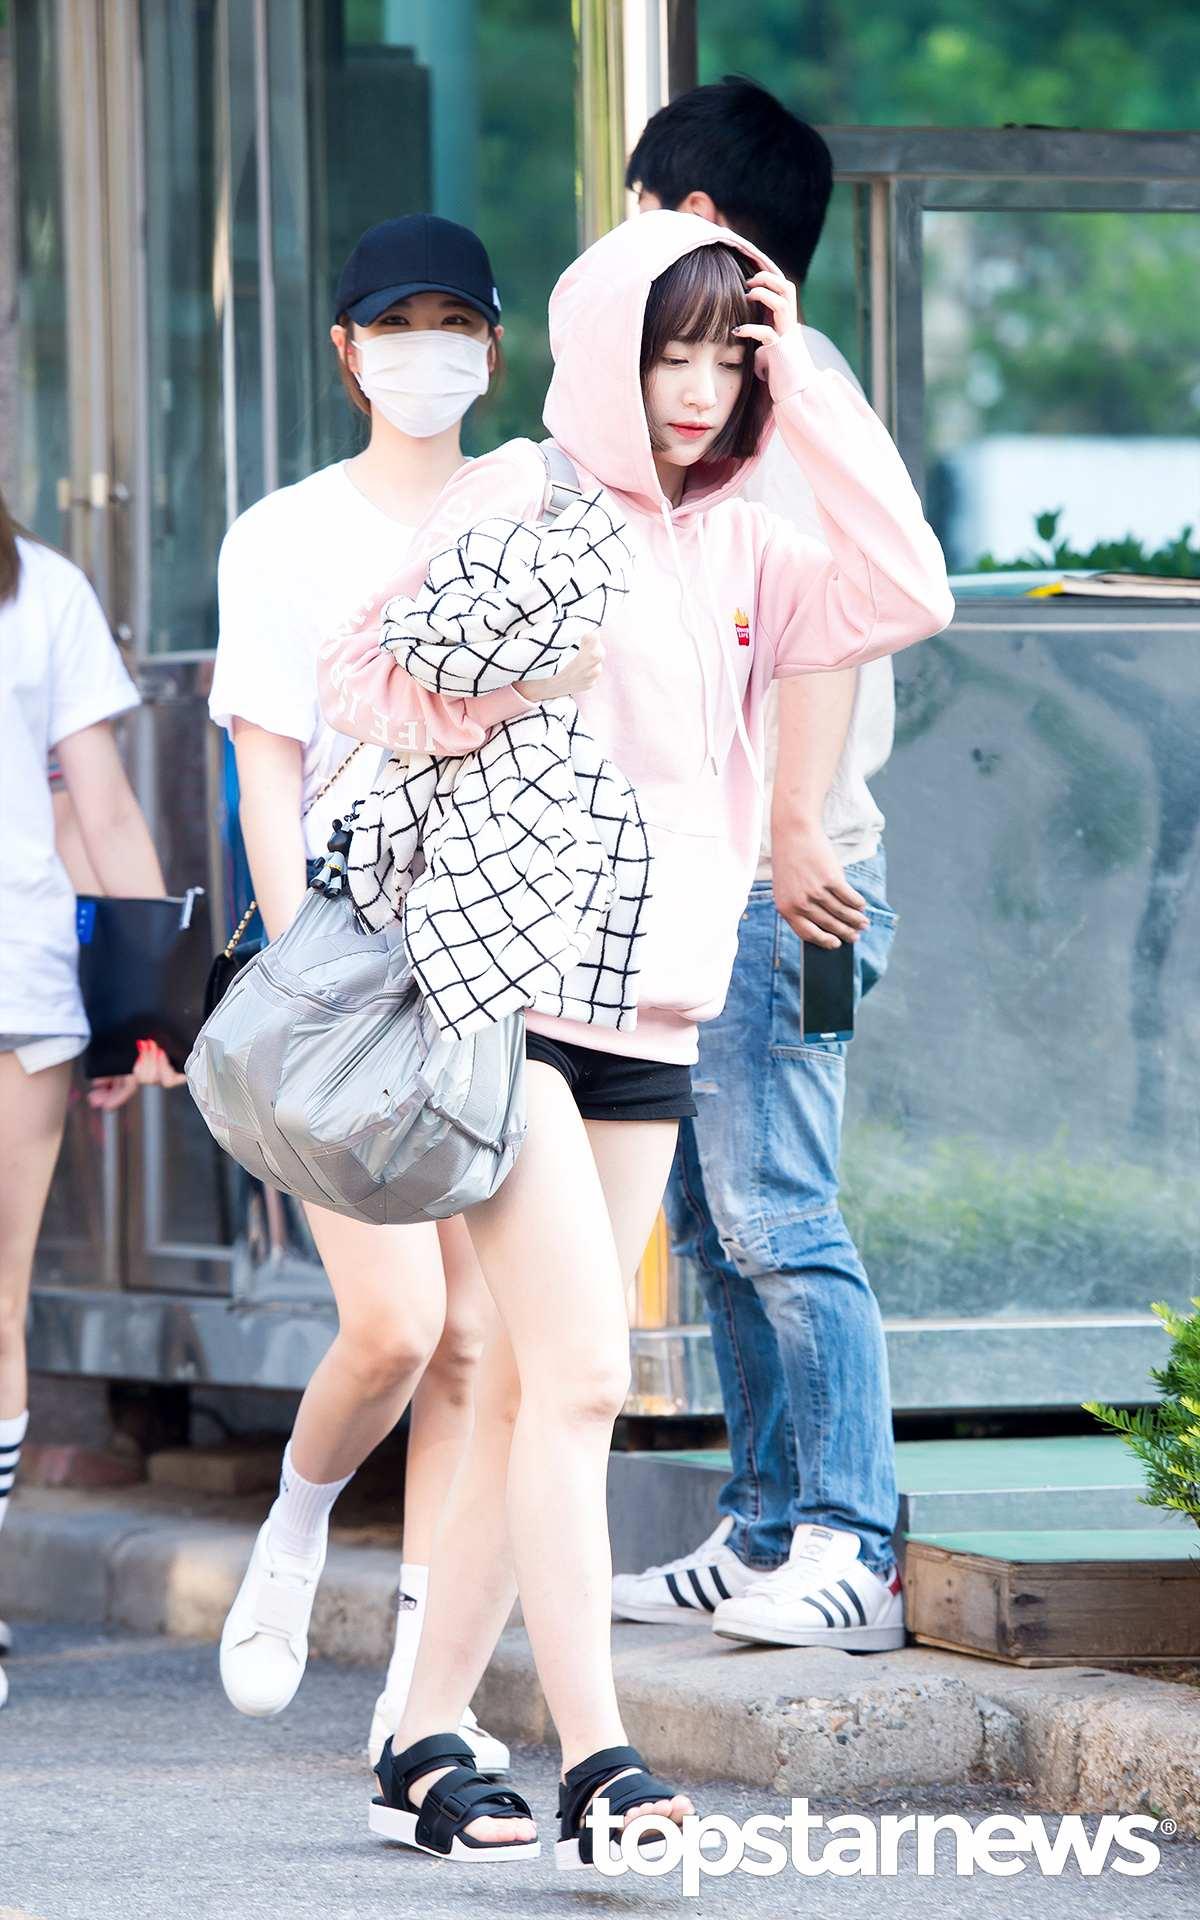 ◆哈妮 最近暴瘦的哈尼也選擇了非常保守的穿搭,粉嫩的帽T,也是大學生們的必備單品,配短褲和今年韓國大熱的寬帶帆布涼鞋,看起來超沉重的大包包也非常顯眼。